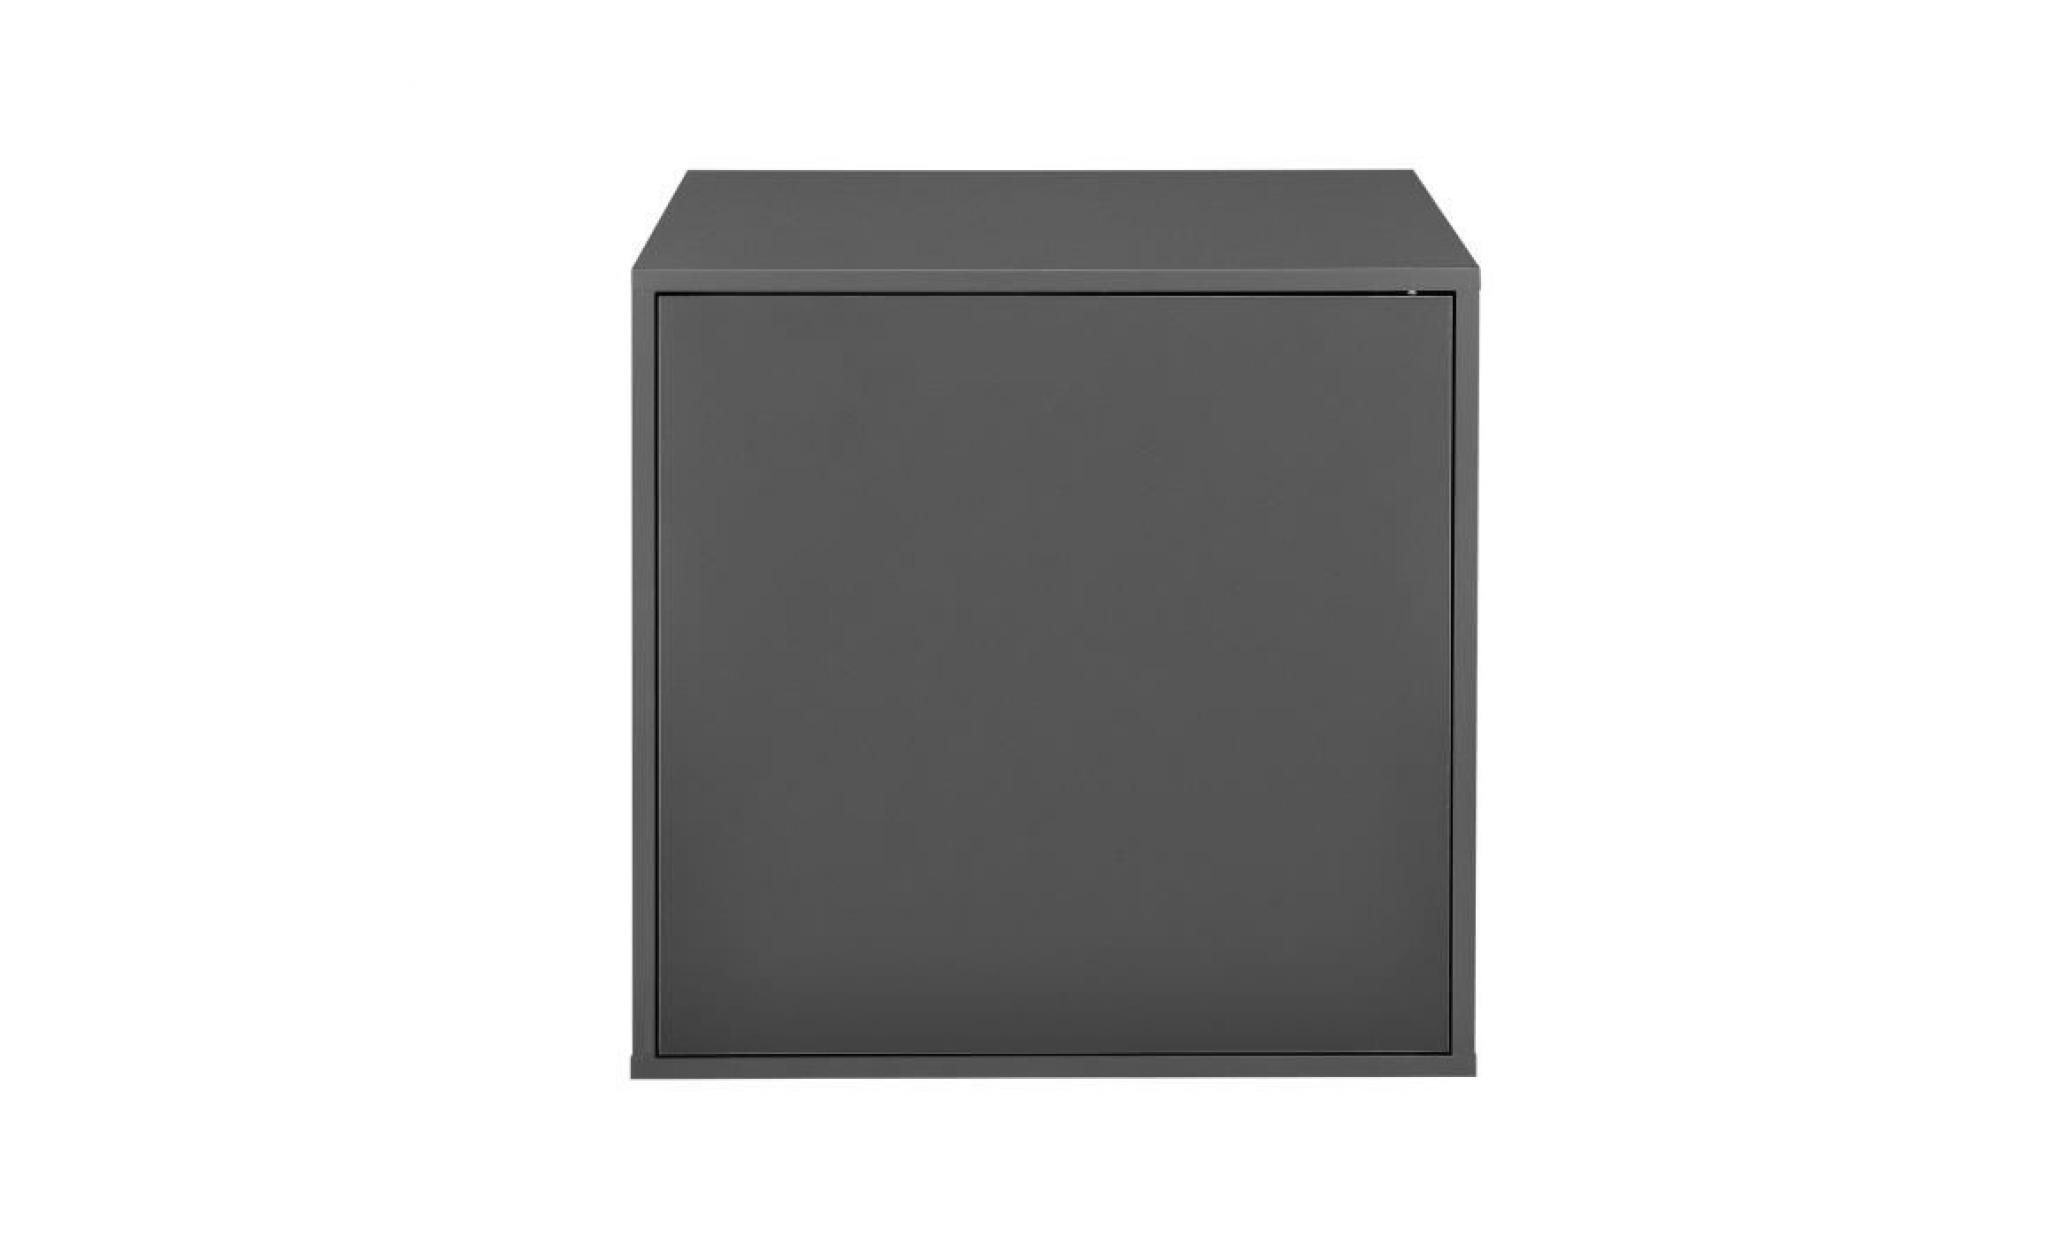 En Casa Armoire Variable Moderne Avec Porte Systeme D Etagere Murale Avec Porte 30x45x40 Cm Gris